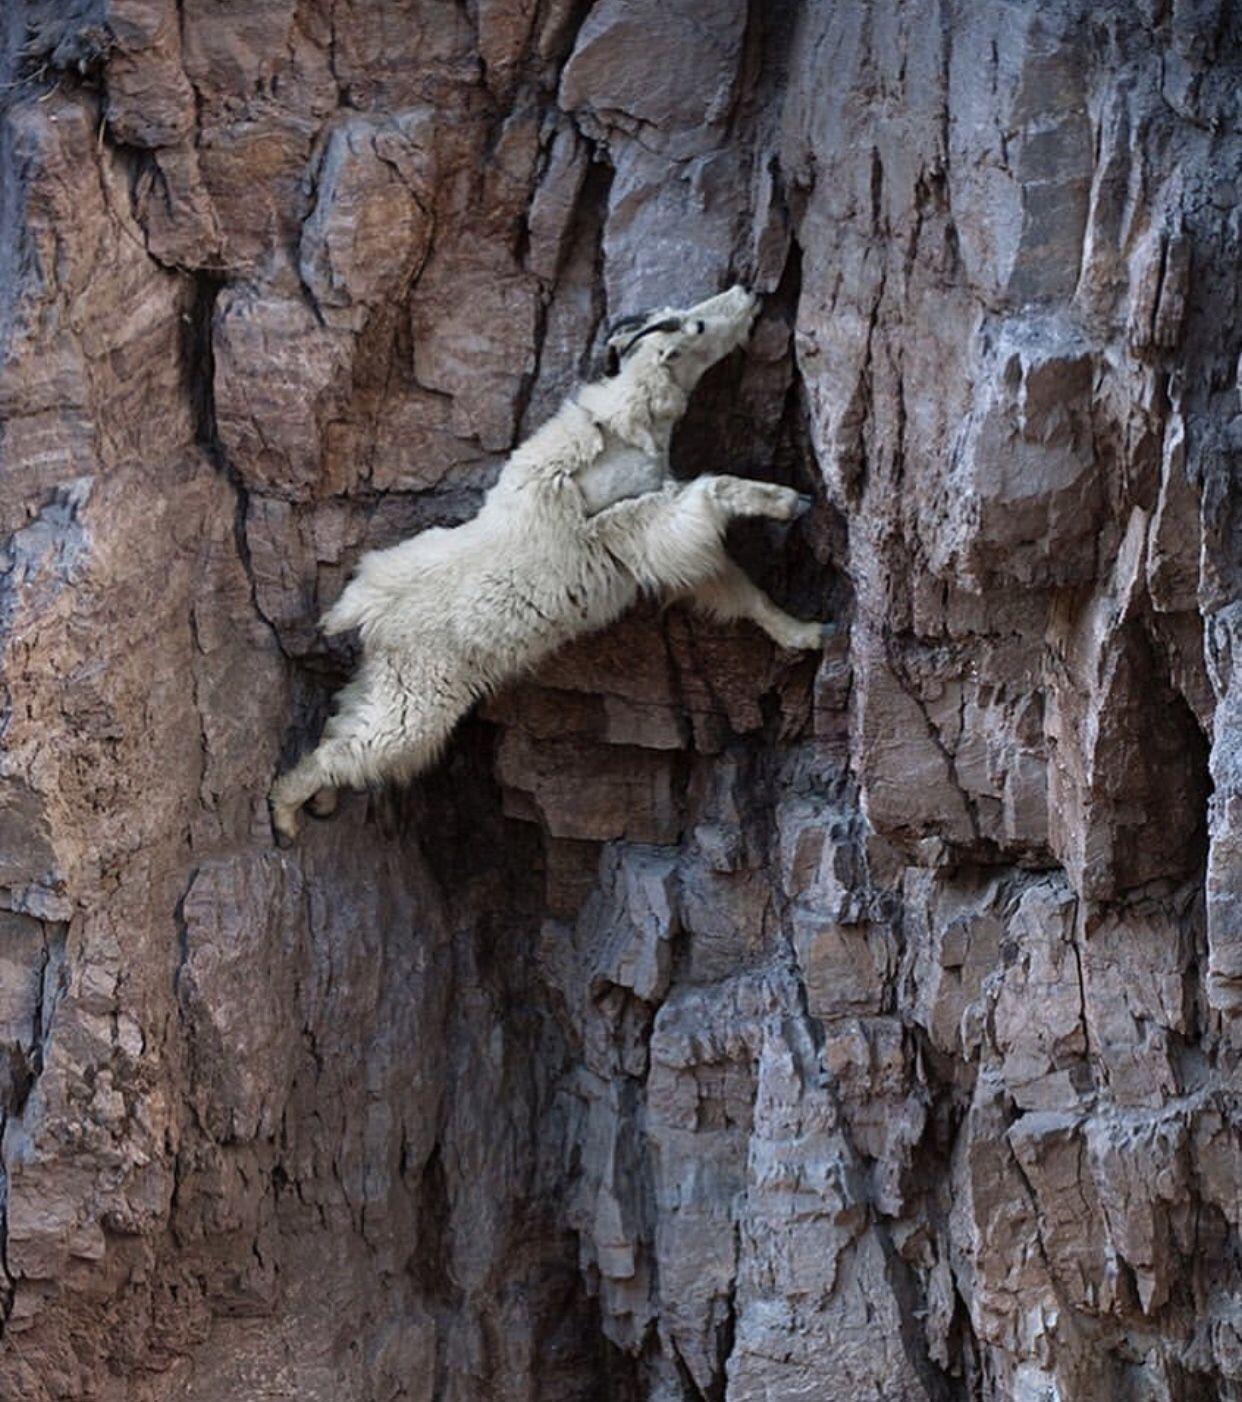 图片世界:山羊从陡峭的岩壁上下来舔露出来的盐